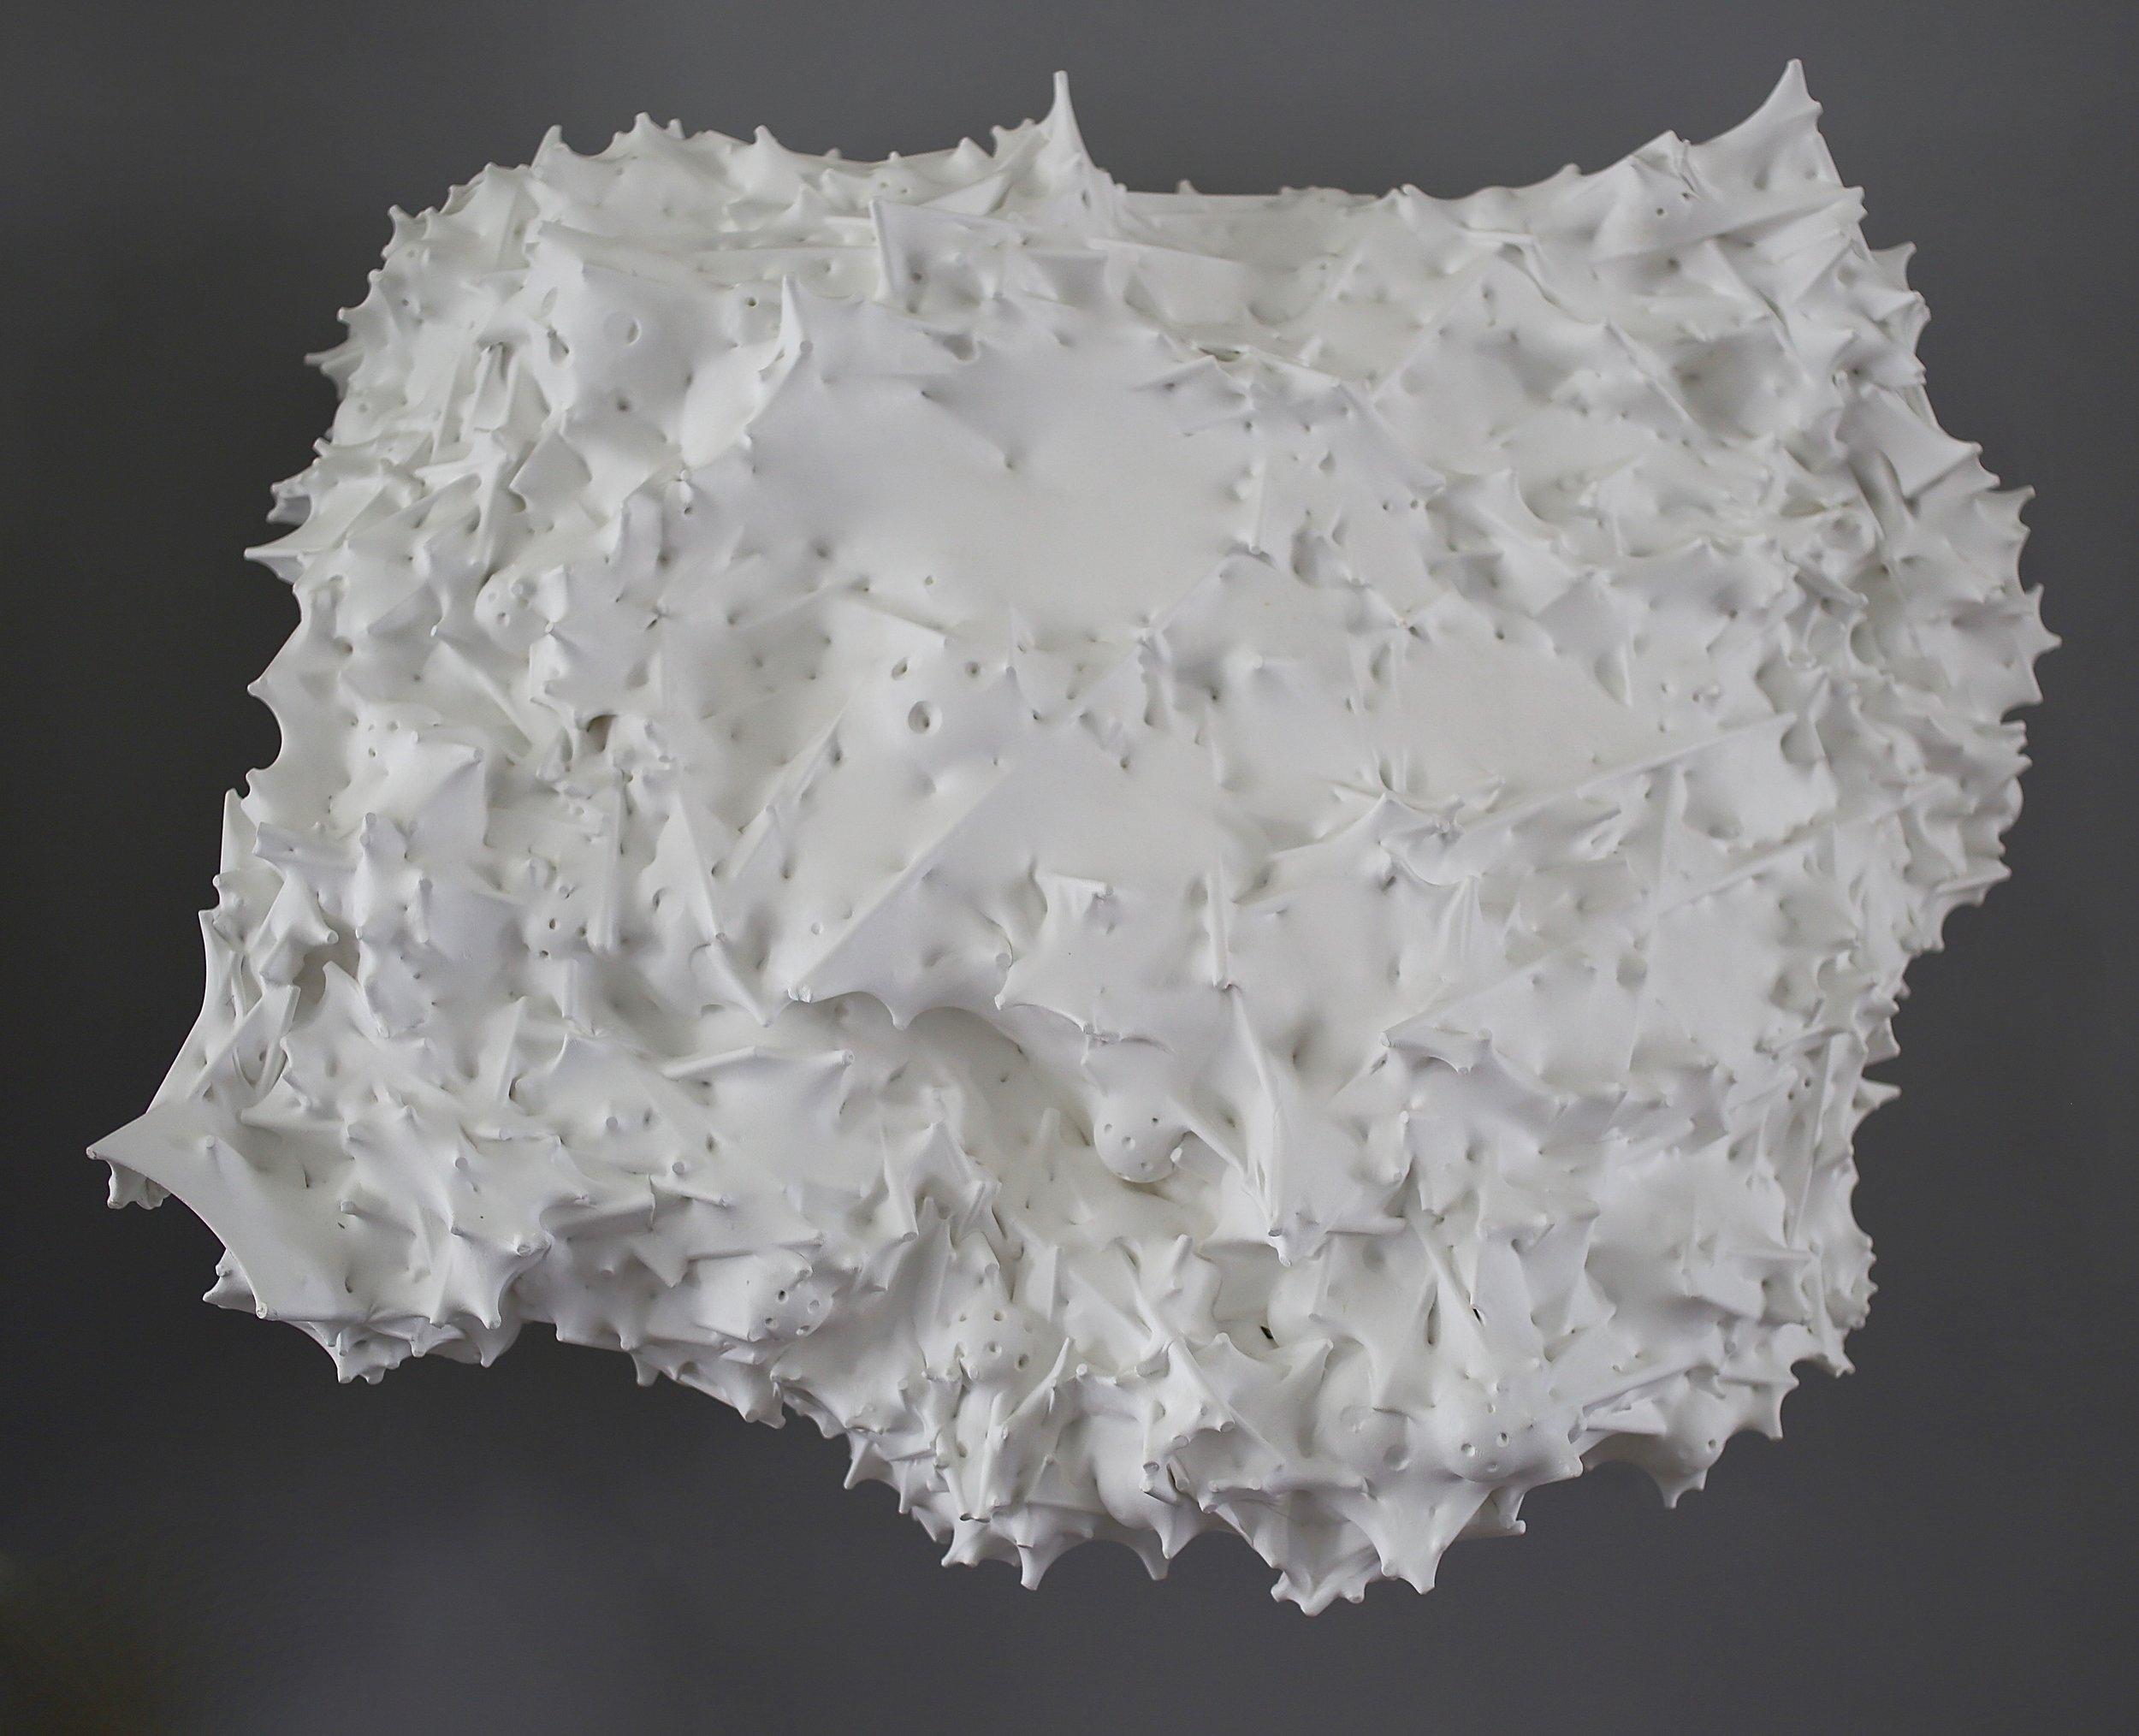 Untitled (cascading) , 2014  Silk, acrylic, wood, thread, plastic, epoxy  30 x 38 x 18 inches  76.2 x 96.5 x 45.7 cm